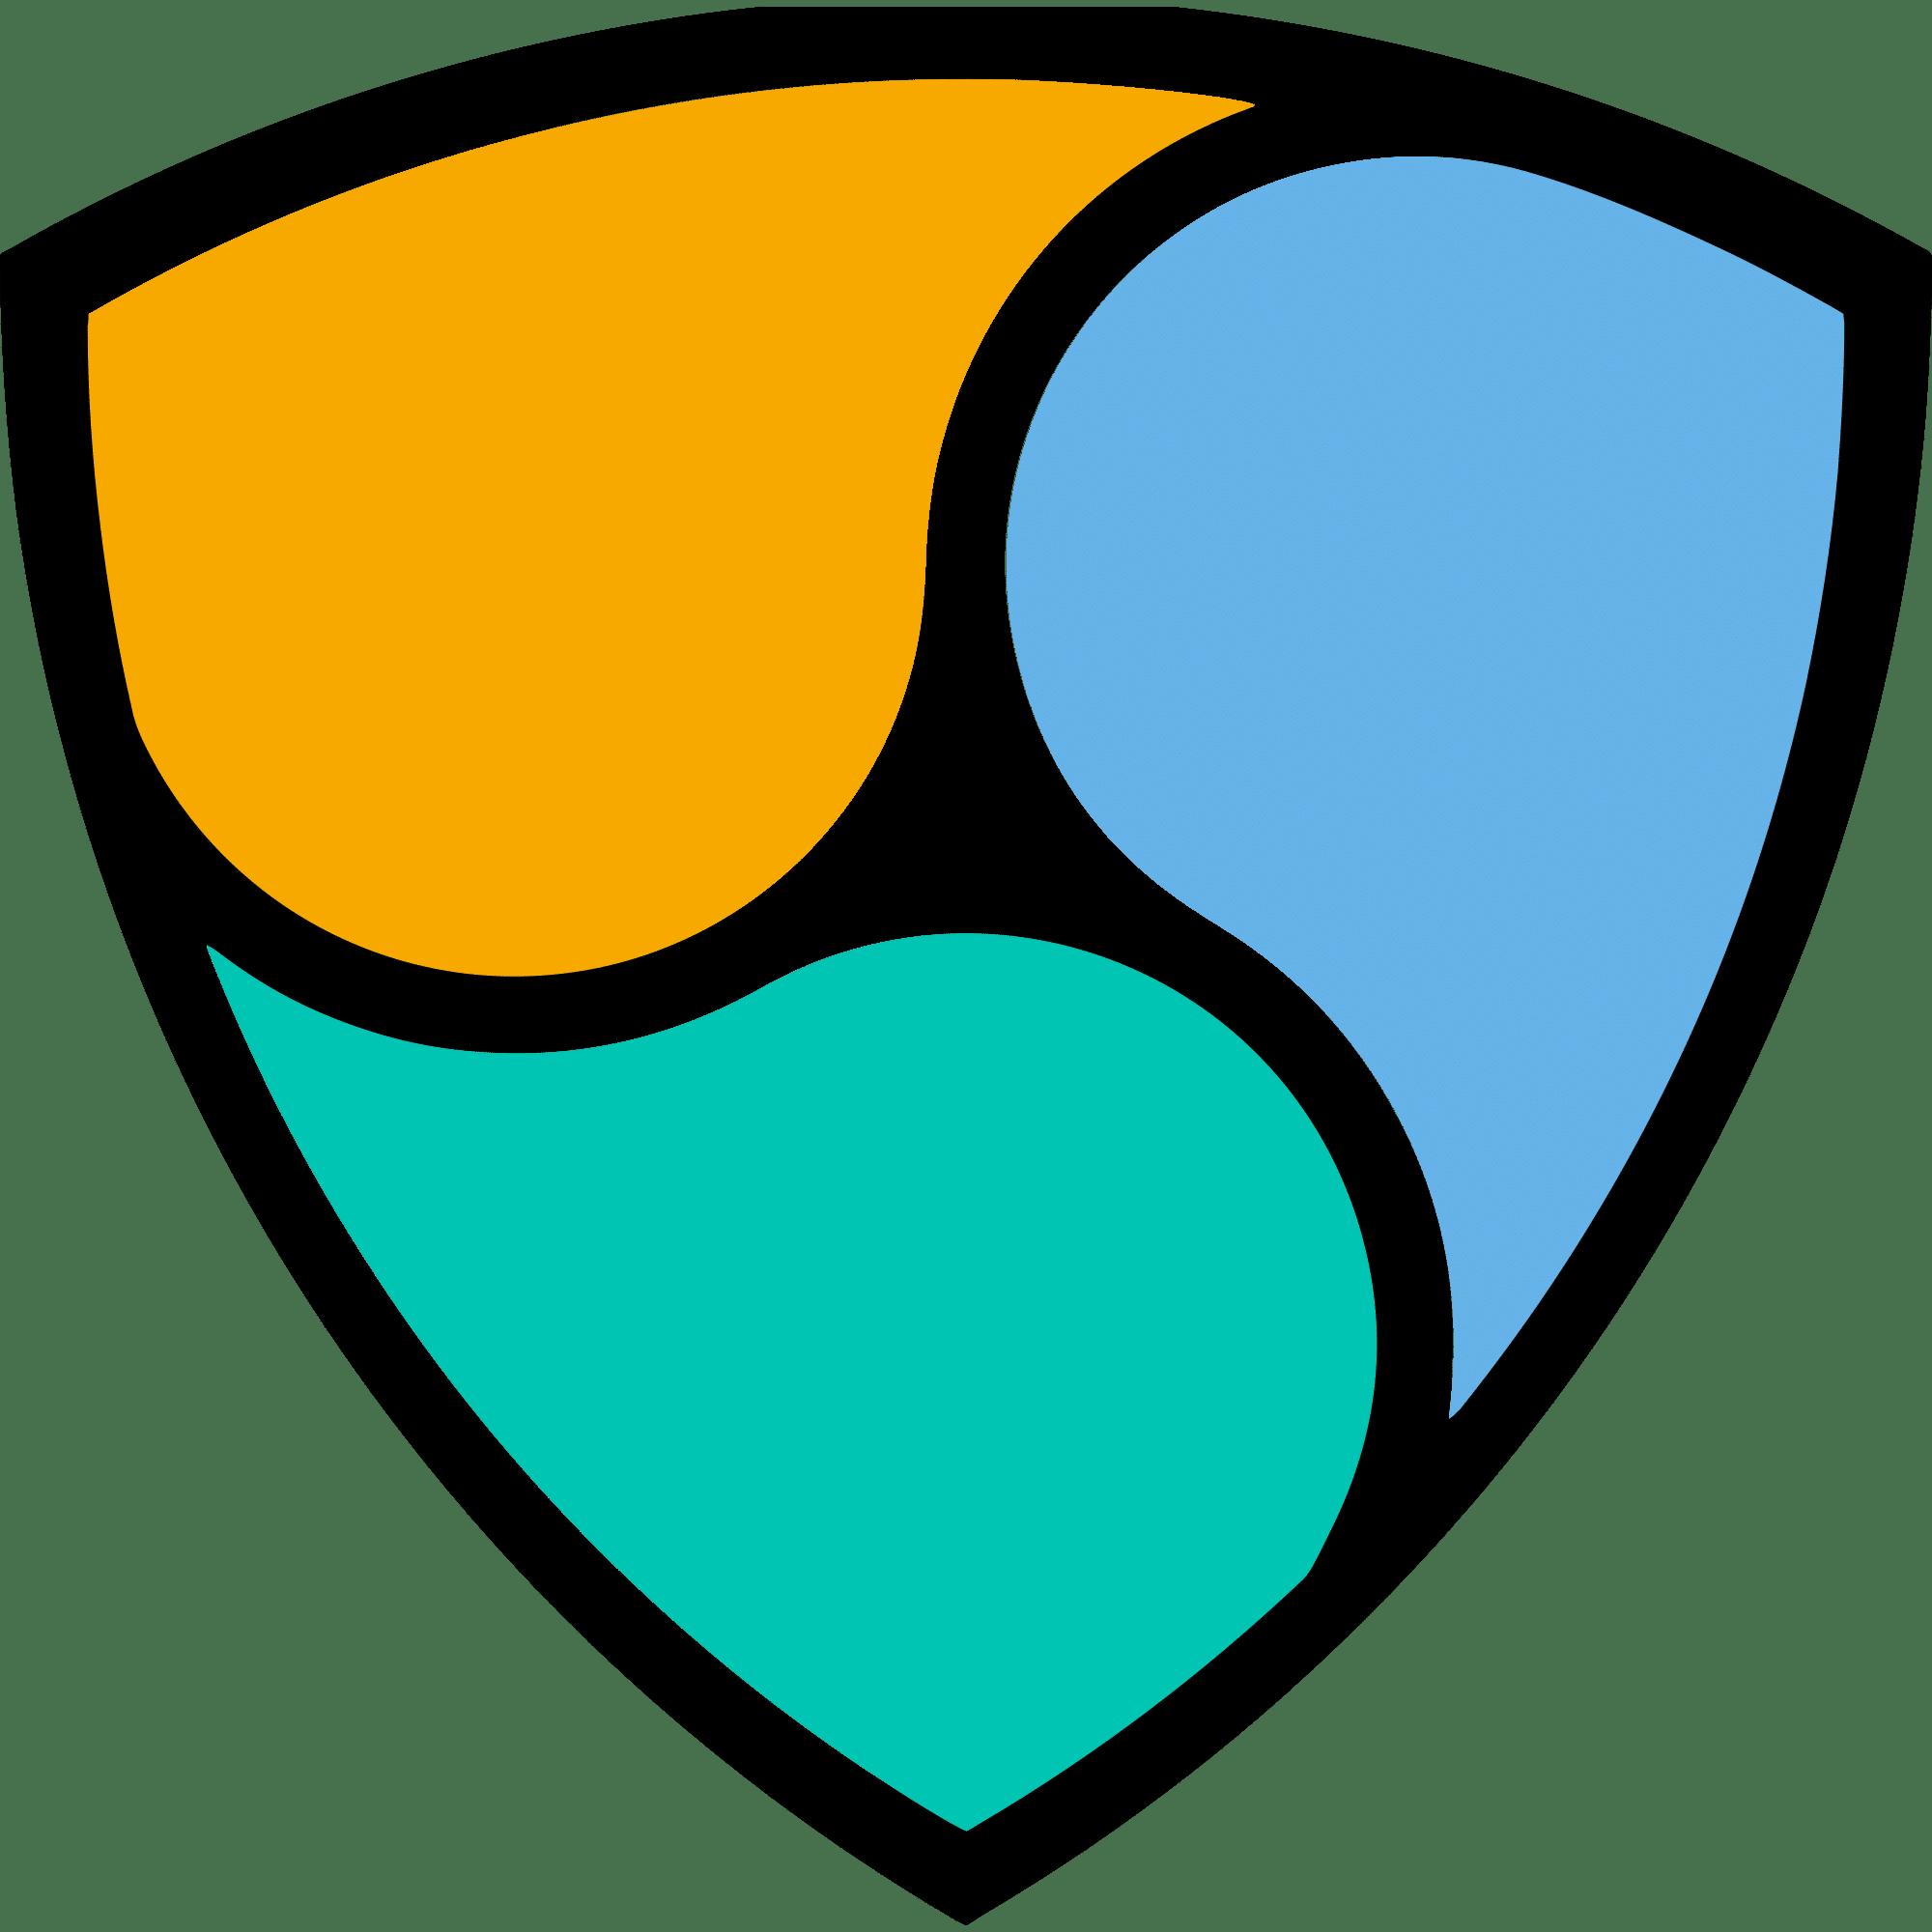 XEM logo